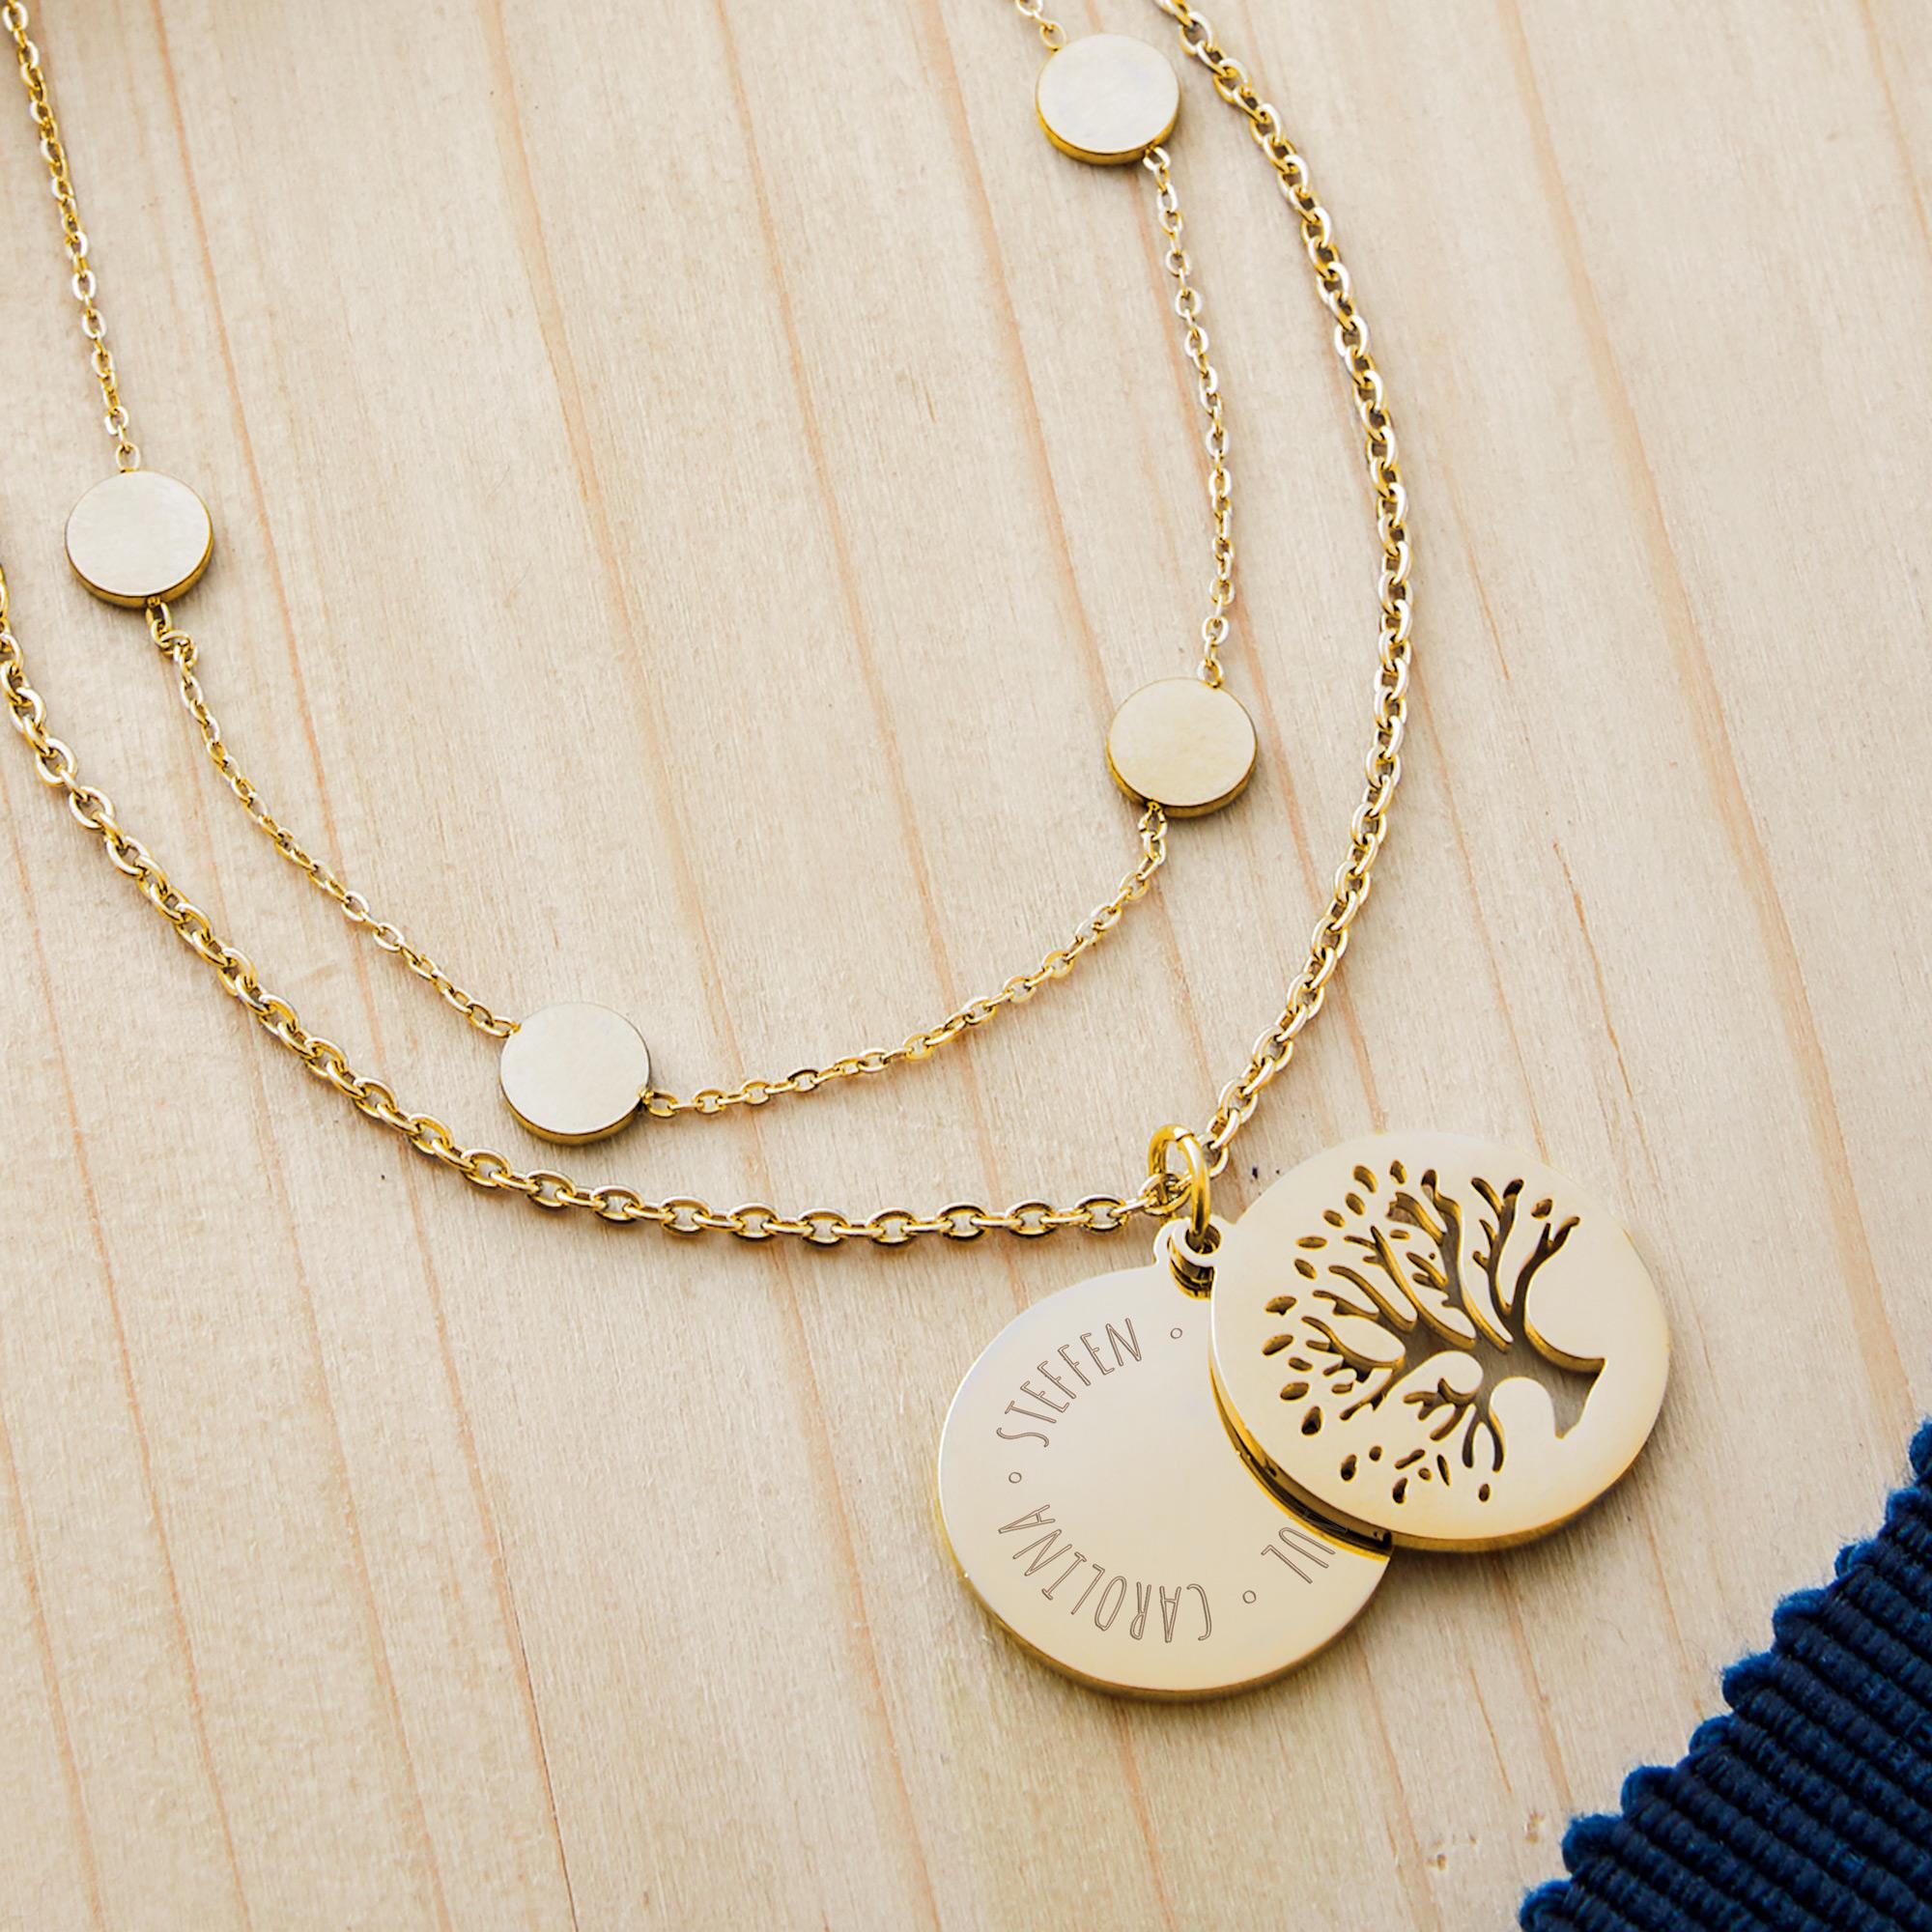 Set Layering Kette und Halskette Baum - Gold - Personalisiert